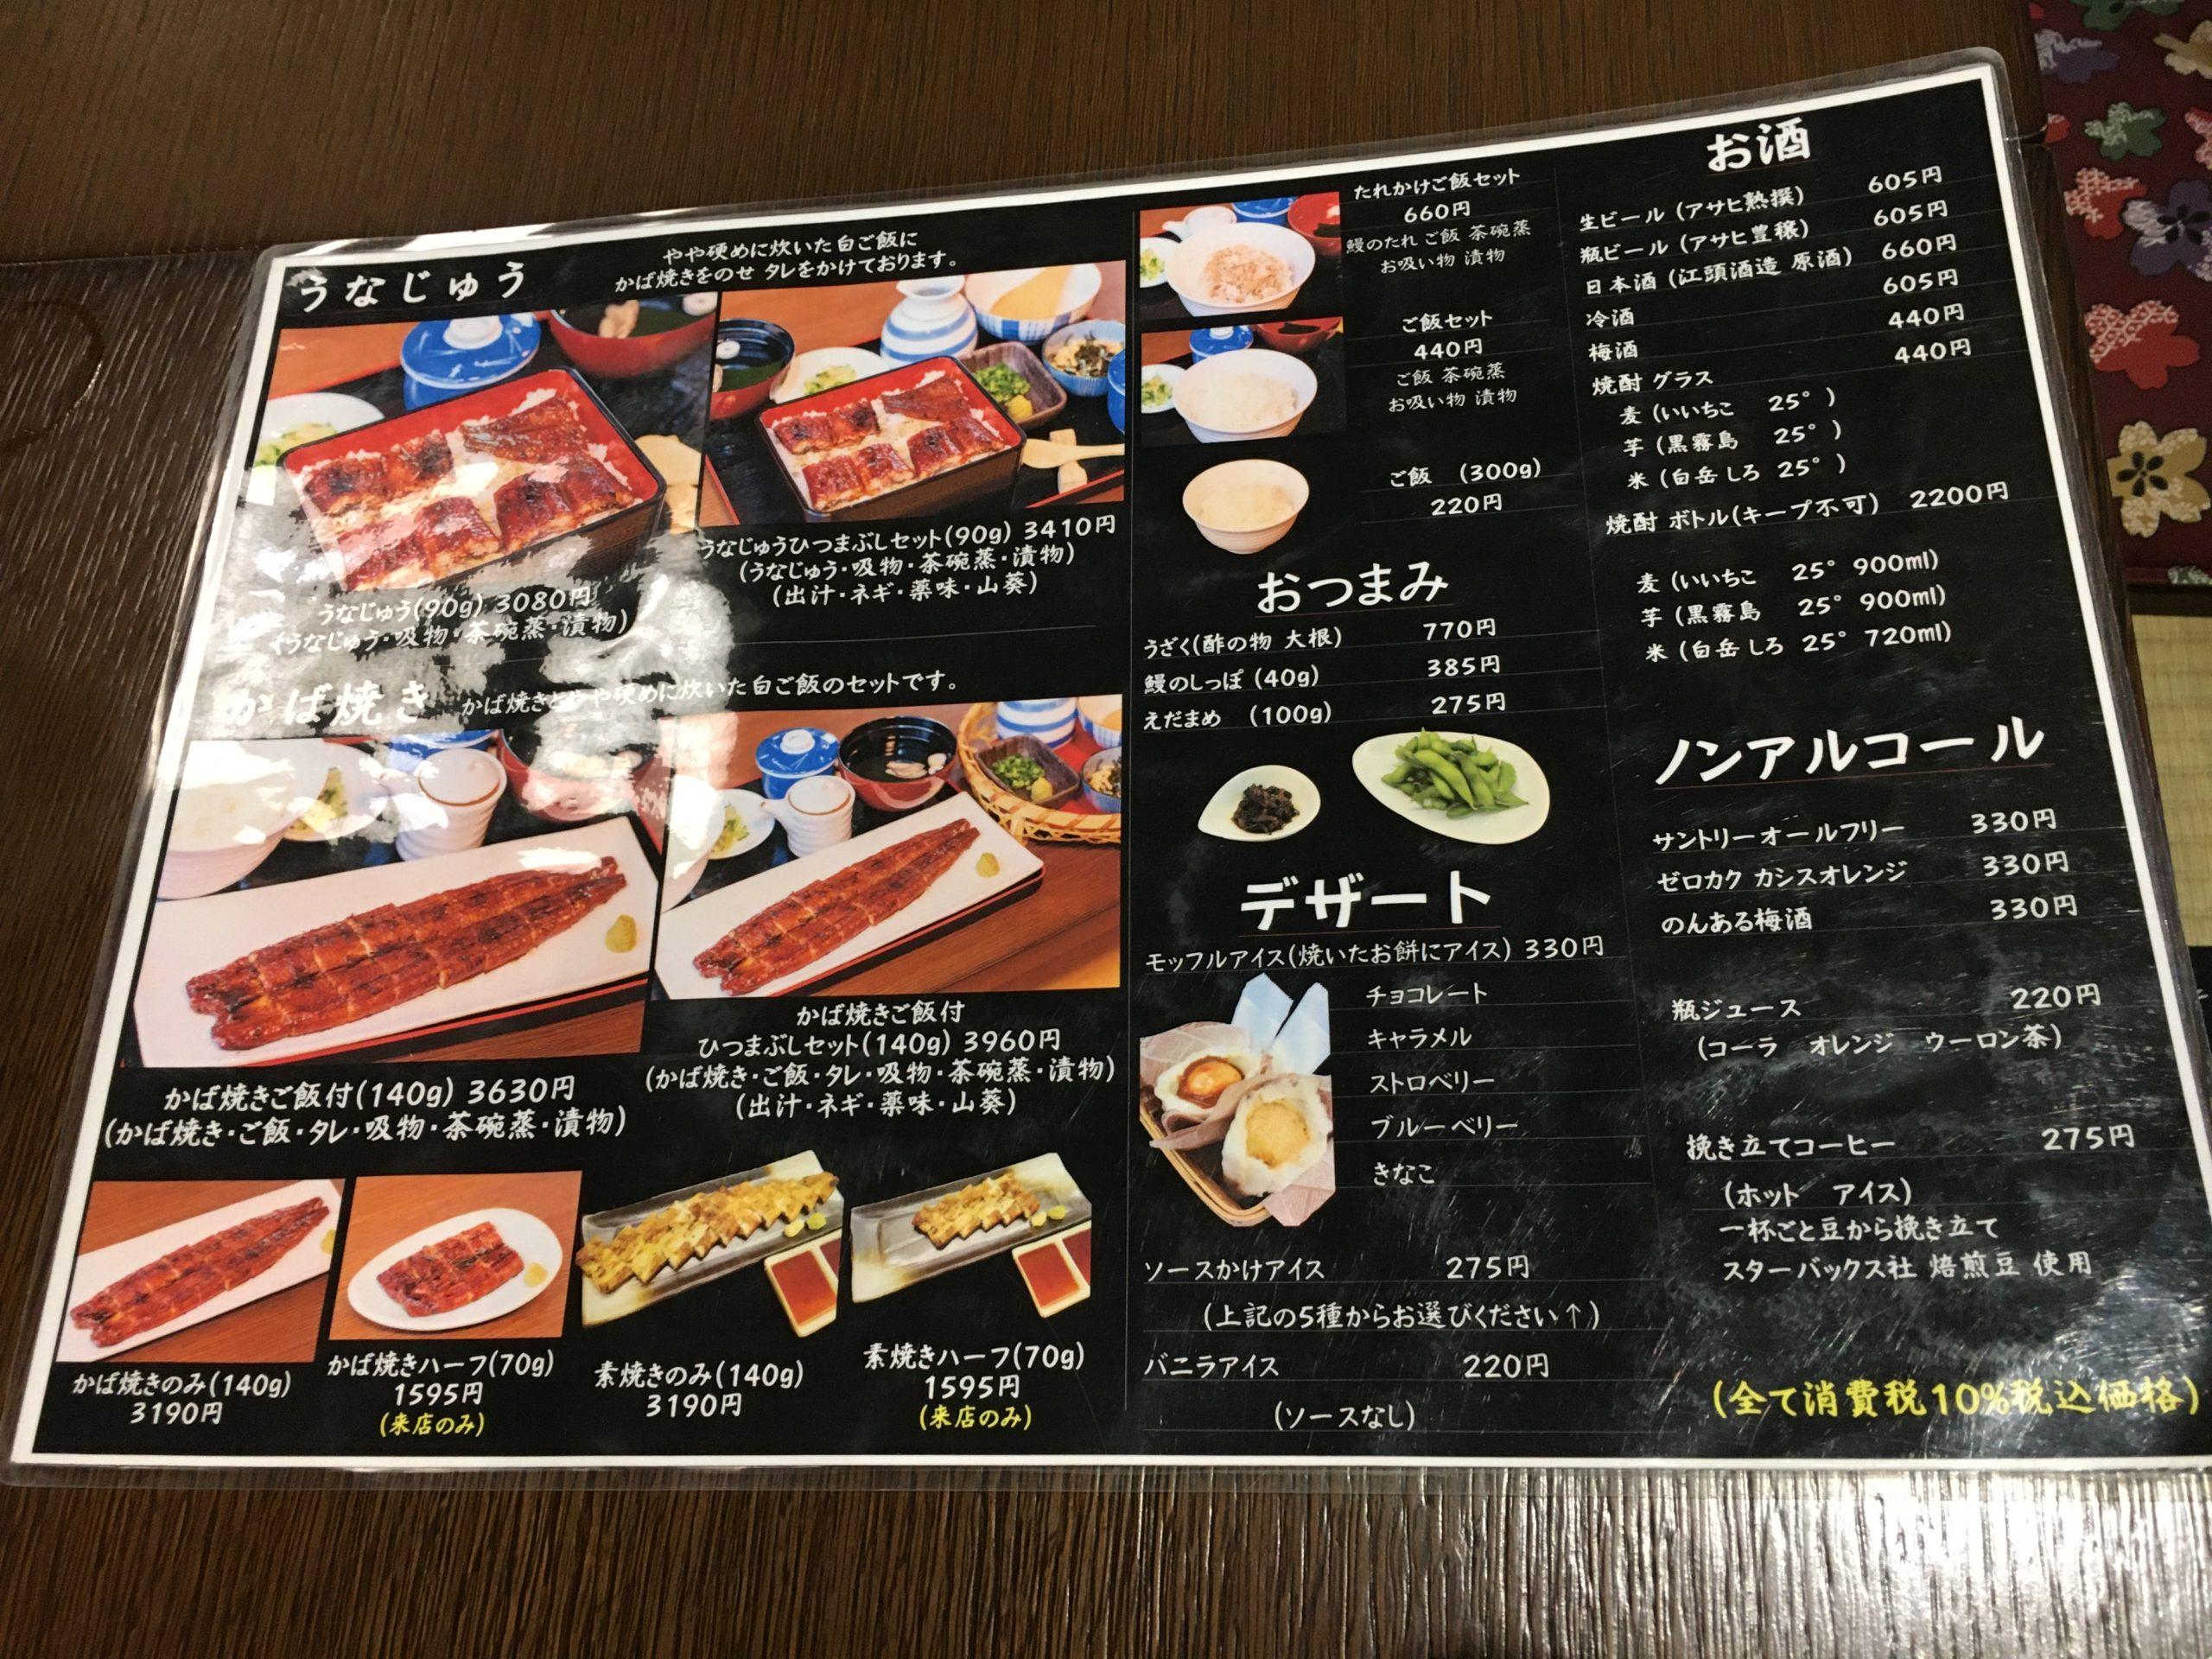 増田うなぎメニュー2